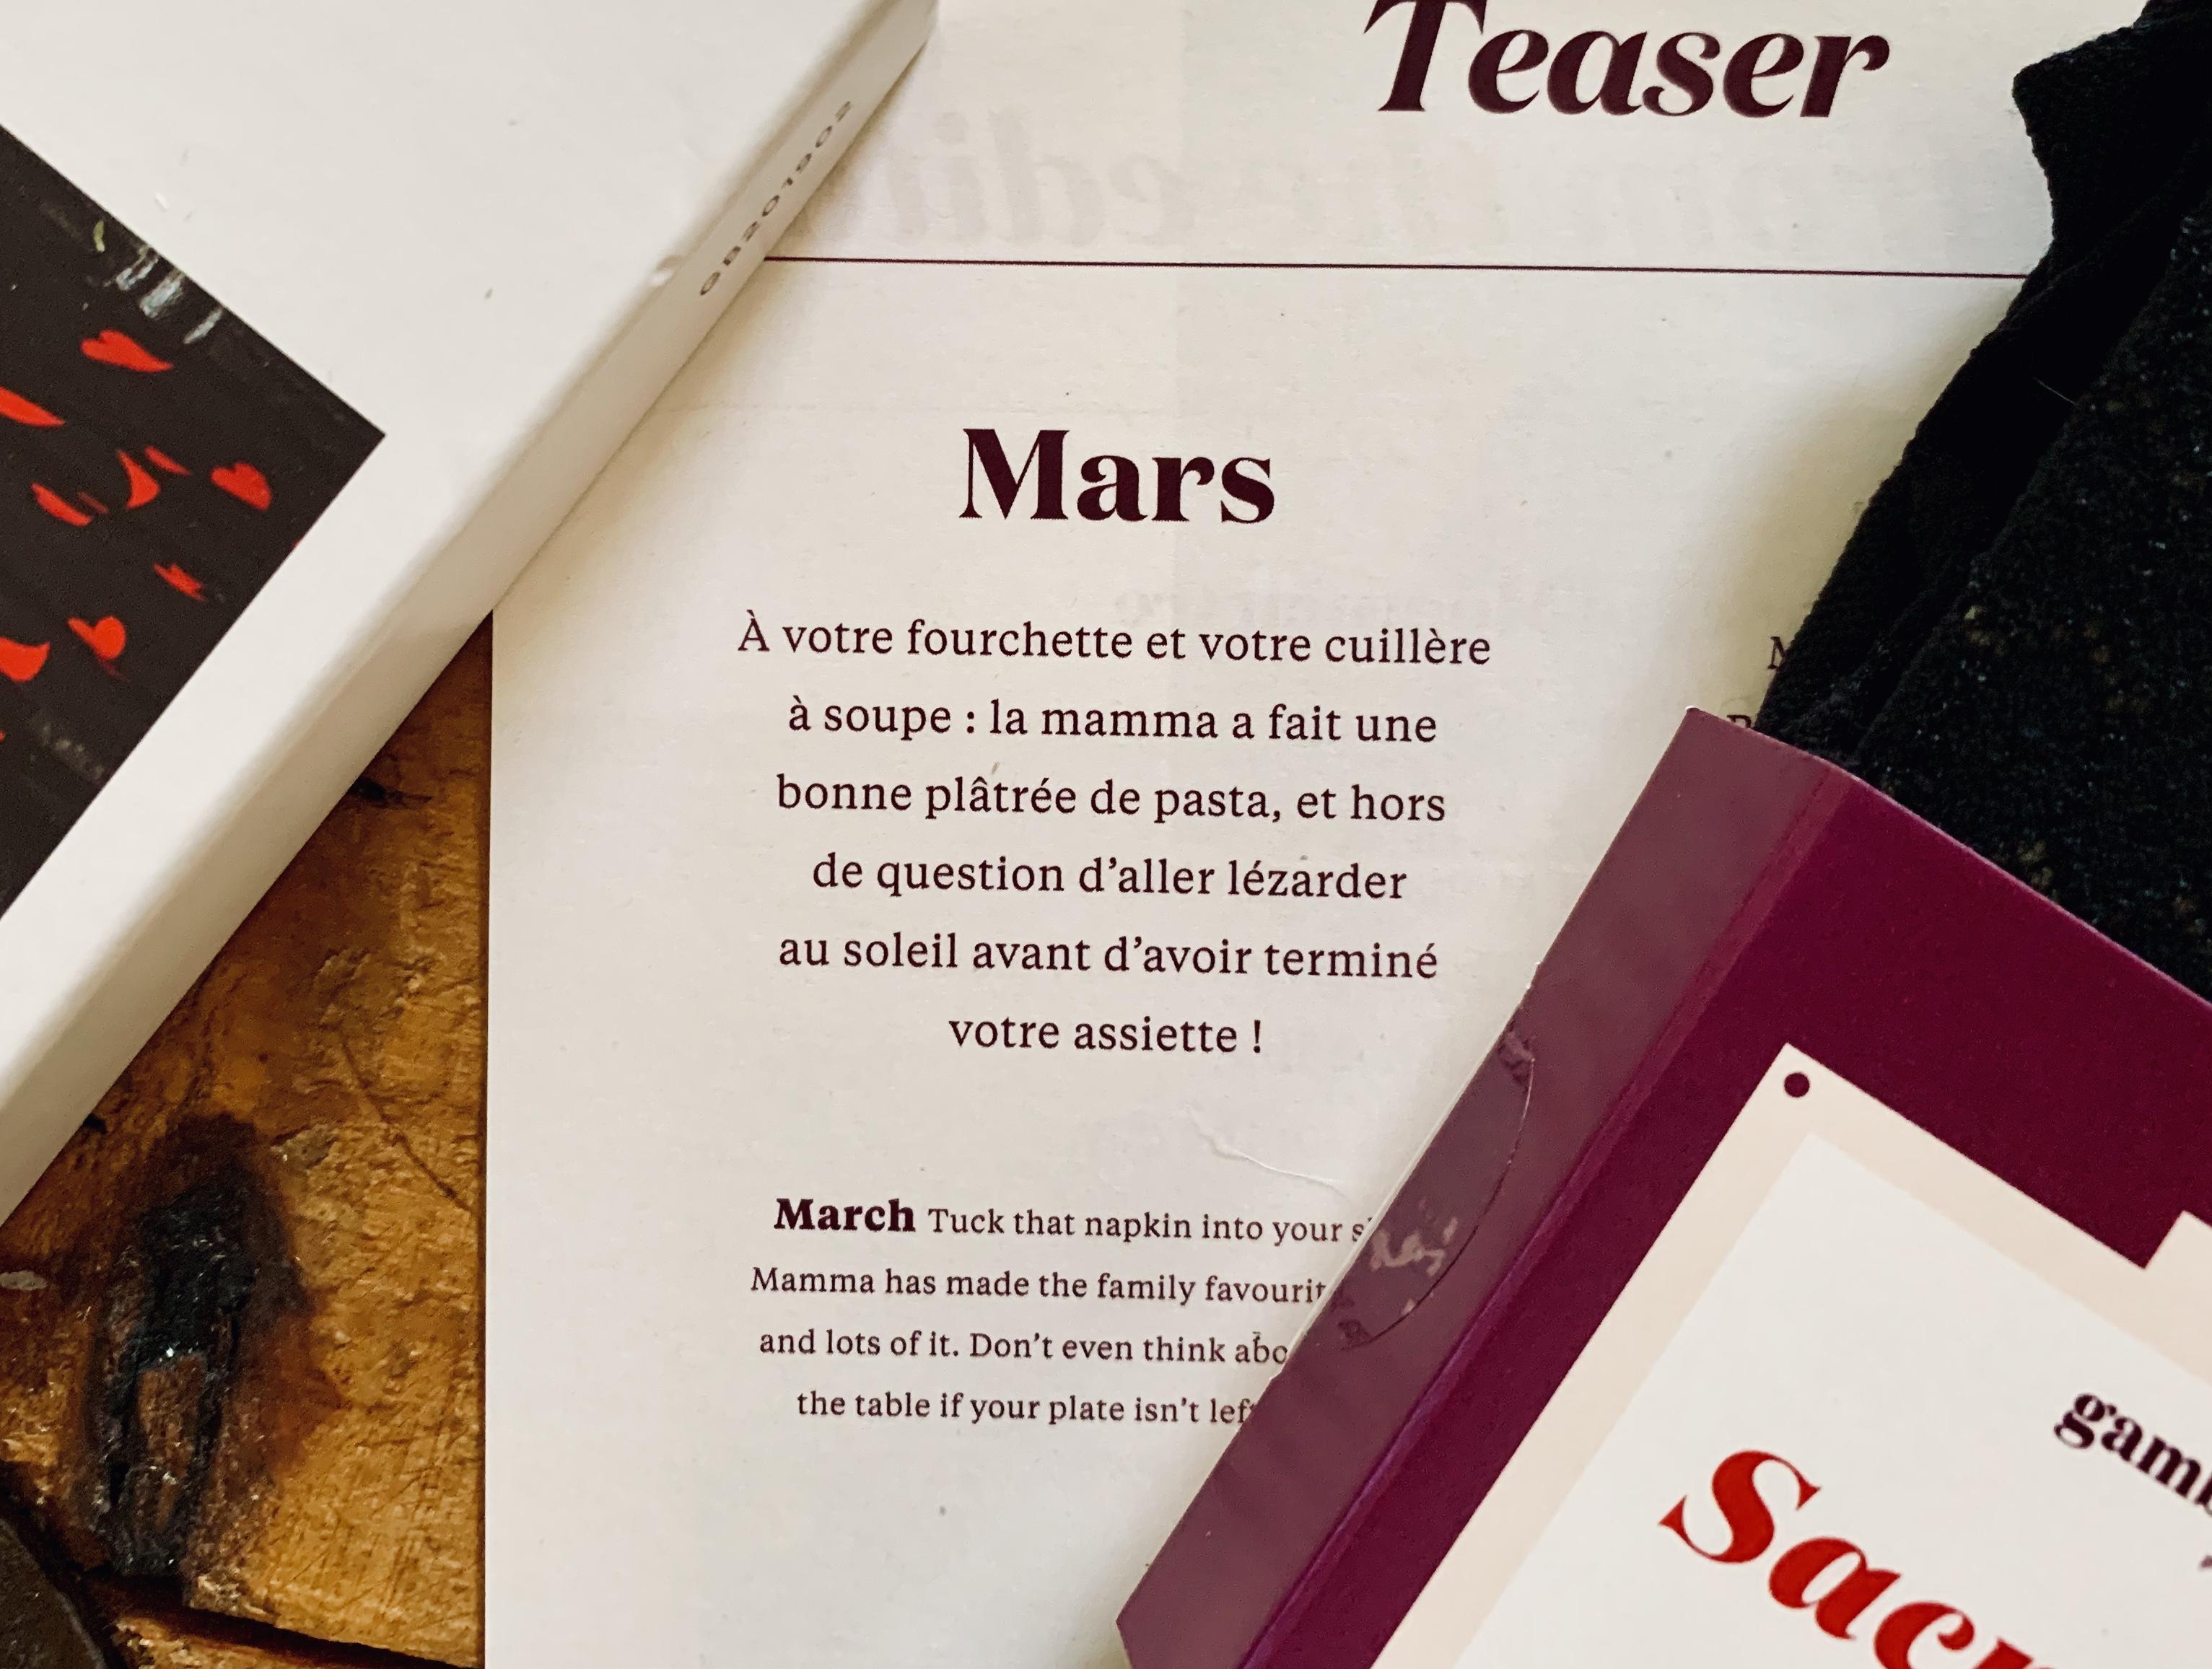 Gambettes Box de Mars 2019